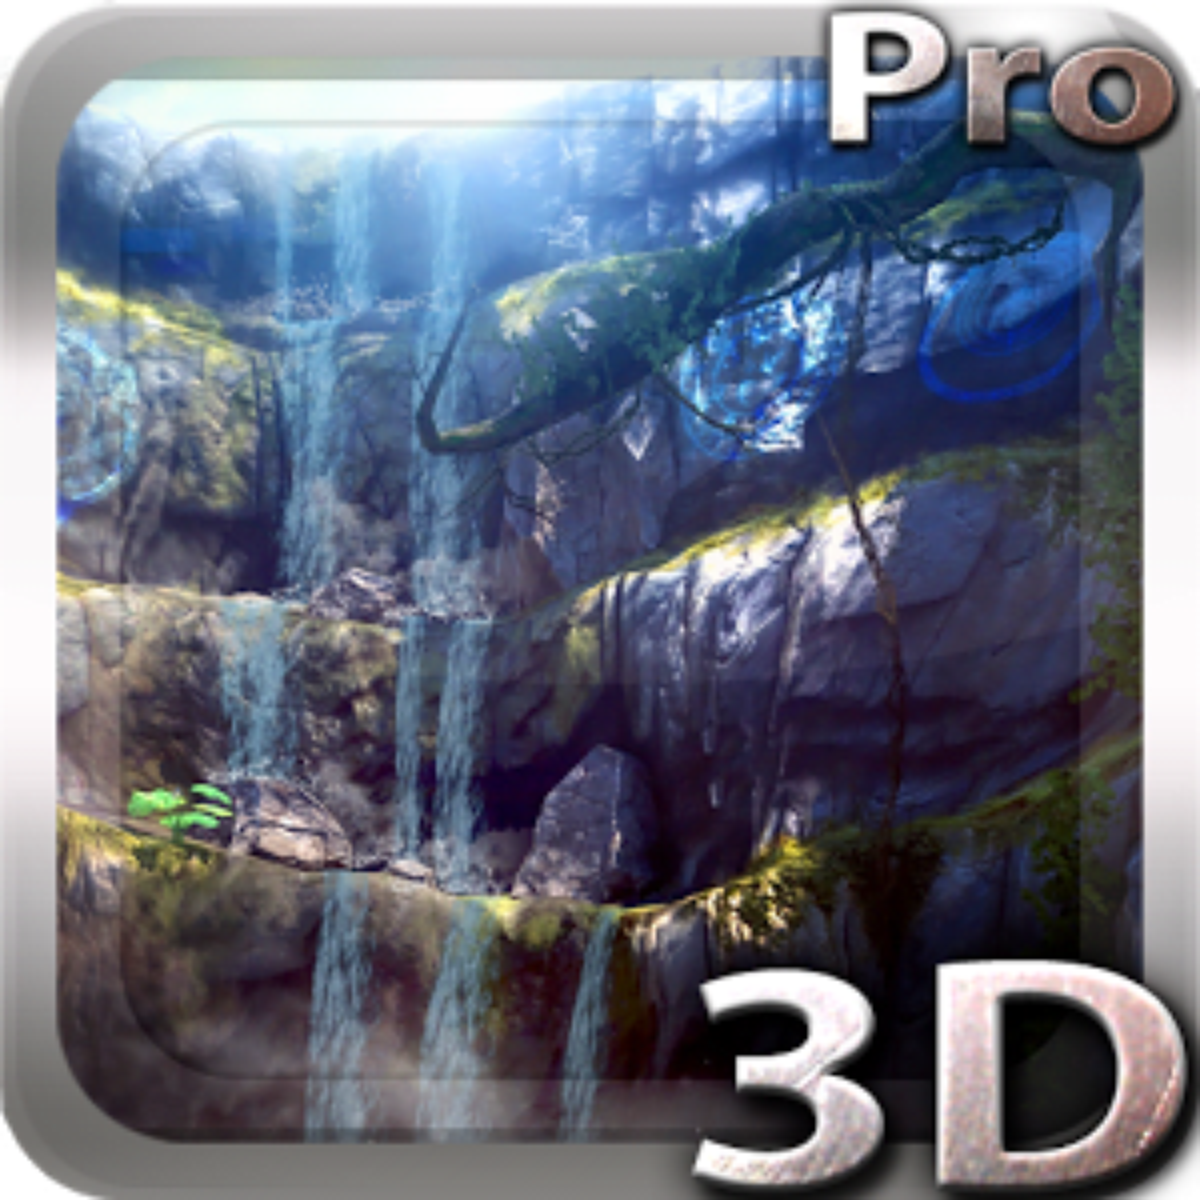 3D Waterfall Pro lwp 1.1